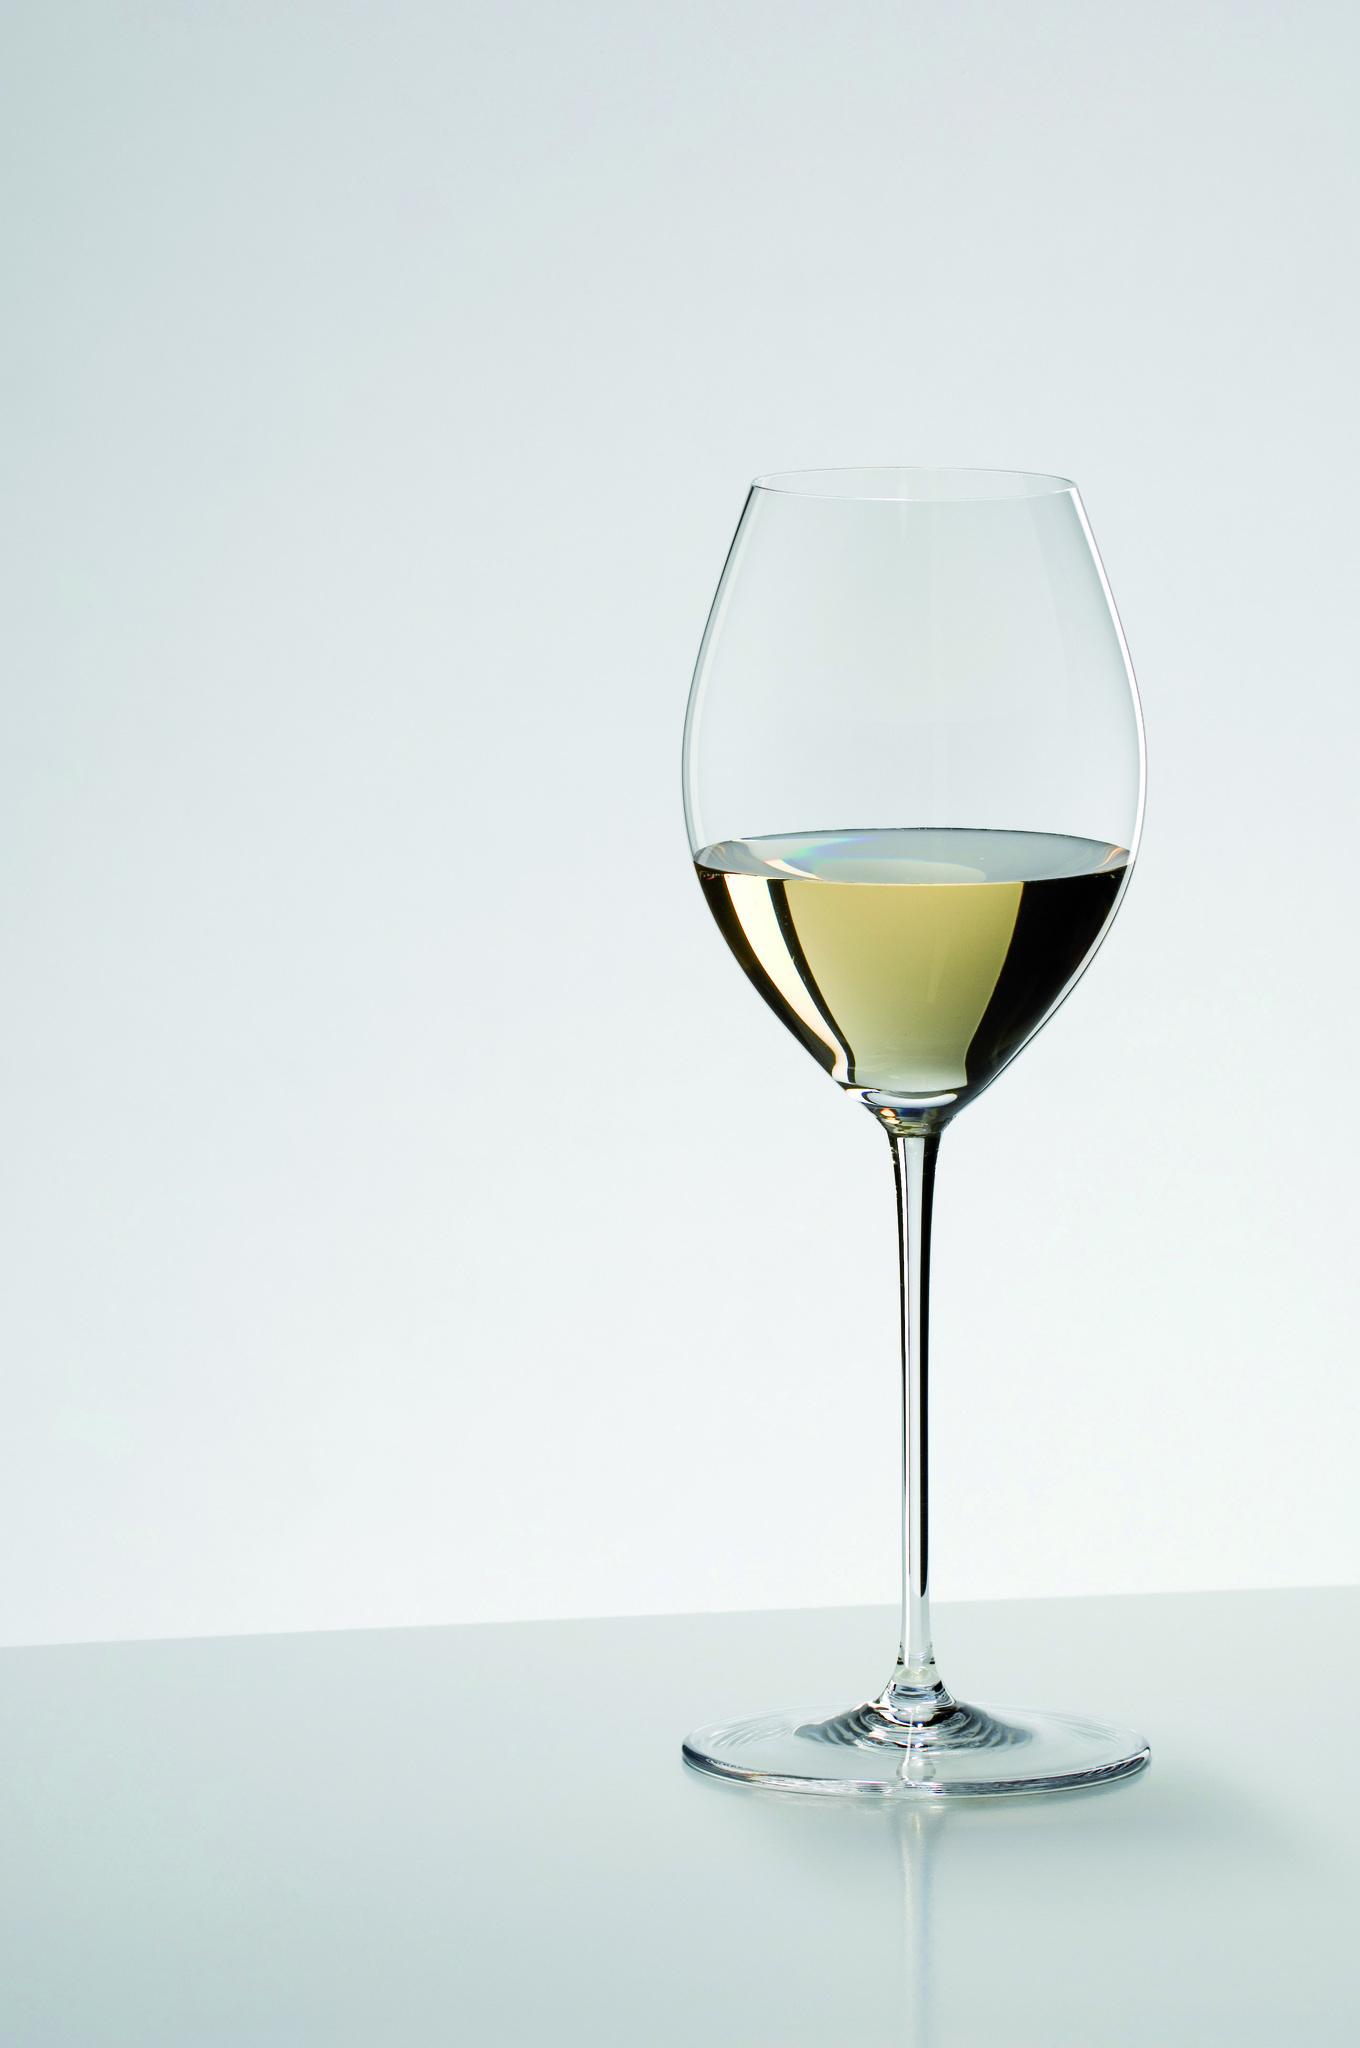 Бокал для белого вина 350мл Riedel Sommeliers Loire